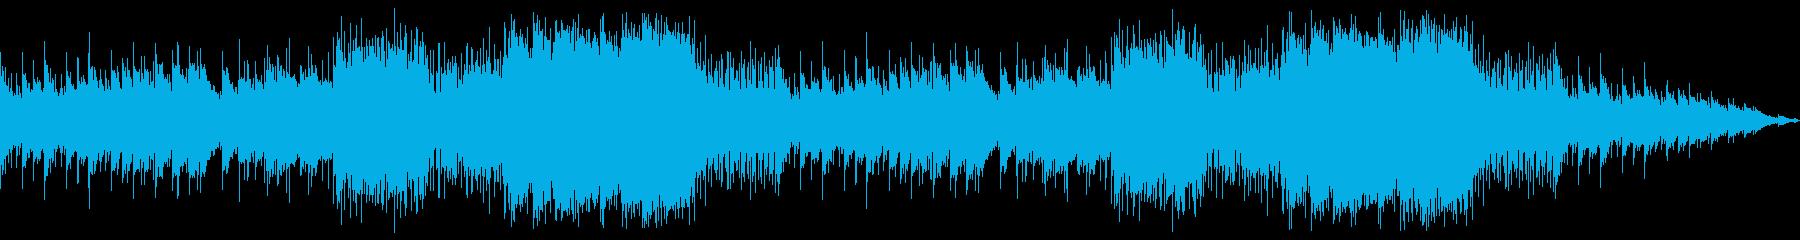 お正月に合うゆったりとした和風BGMの再生済みの波形